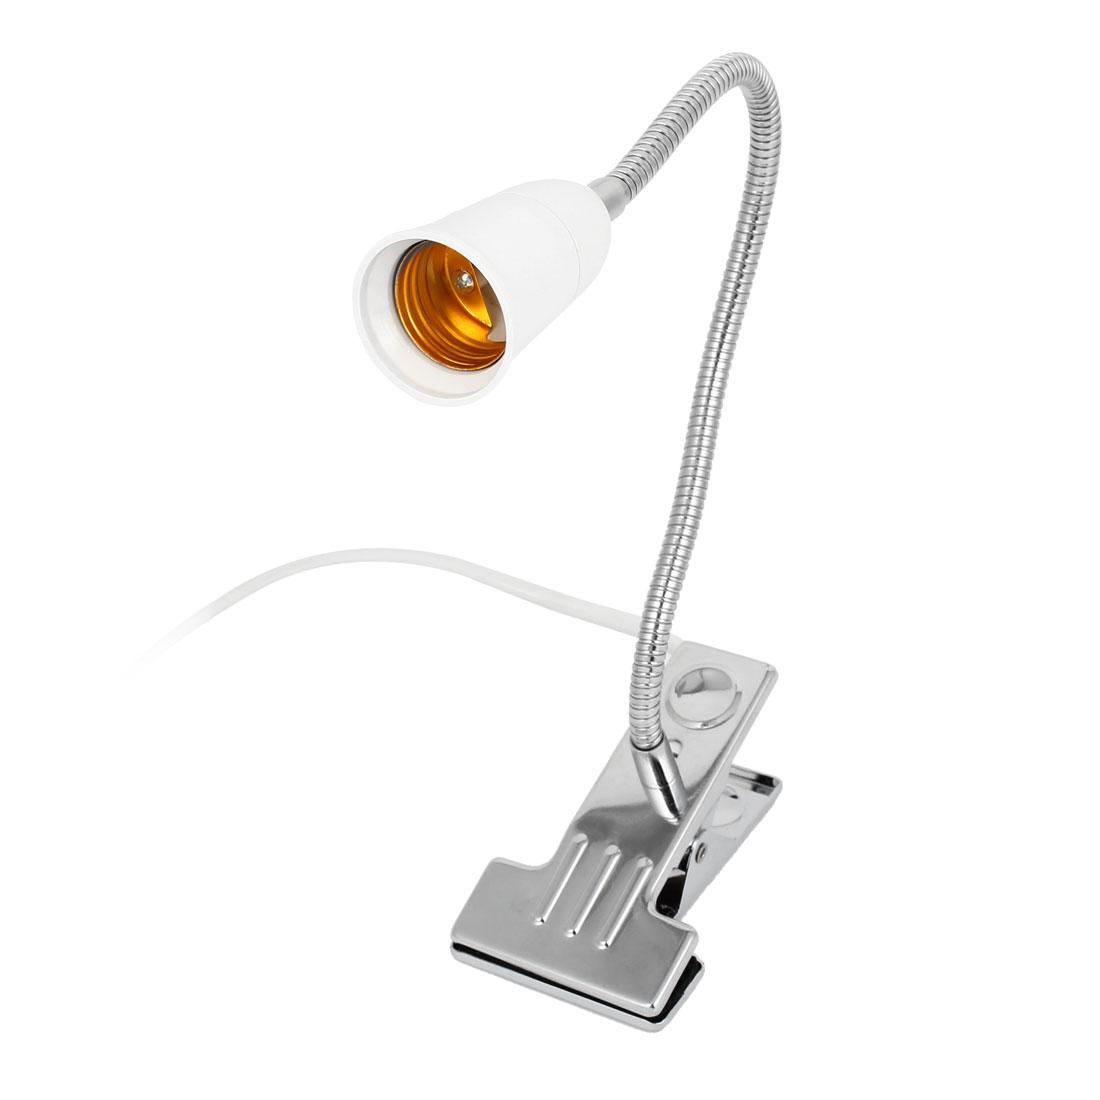 AC 110-220V US Plug Flexible Neck E27 Screw Socket Desk Lamp Light Holder 40cm